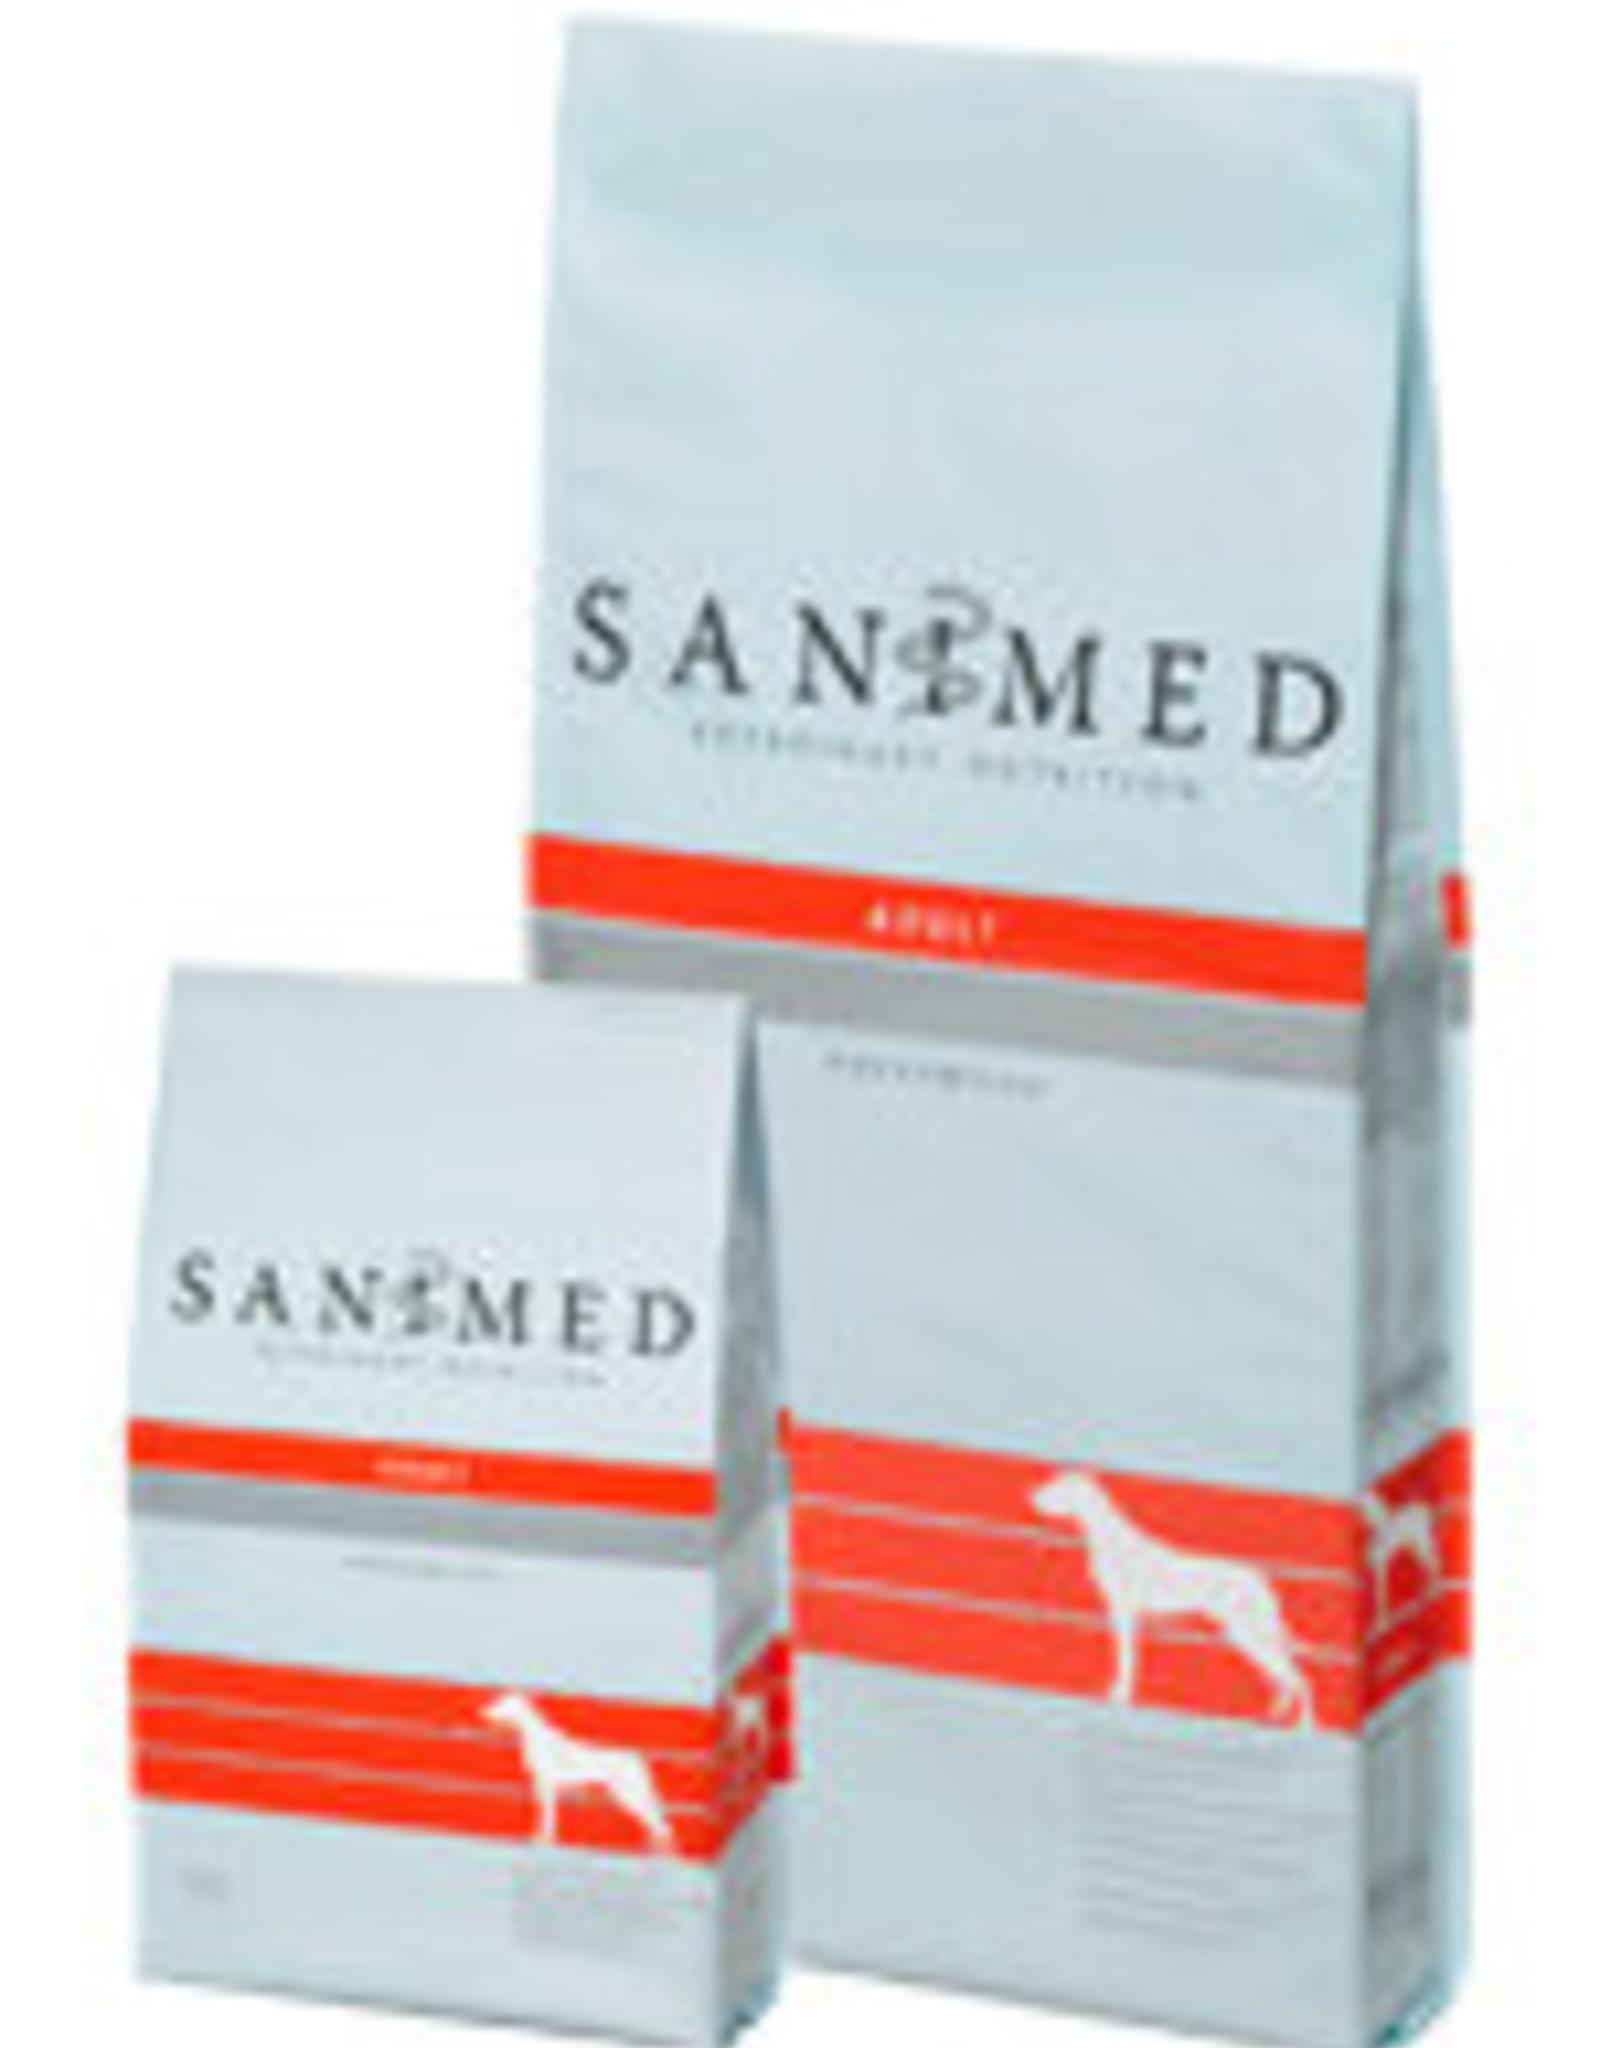 Sanimed Sanimed Preventive Hond Adult Small Breed 3kg